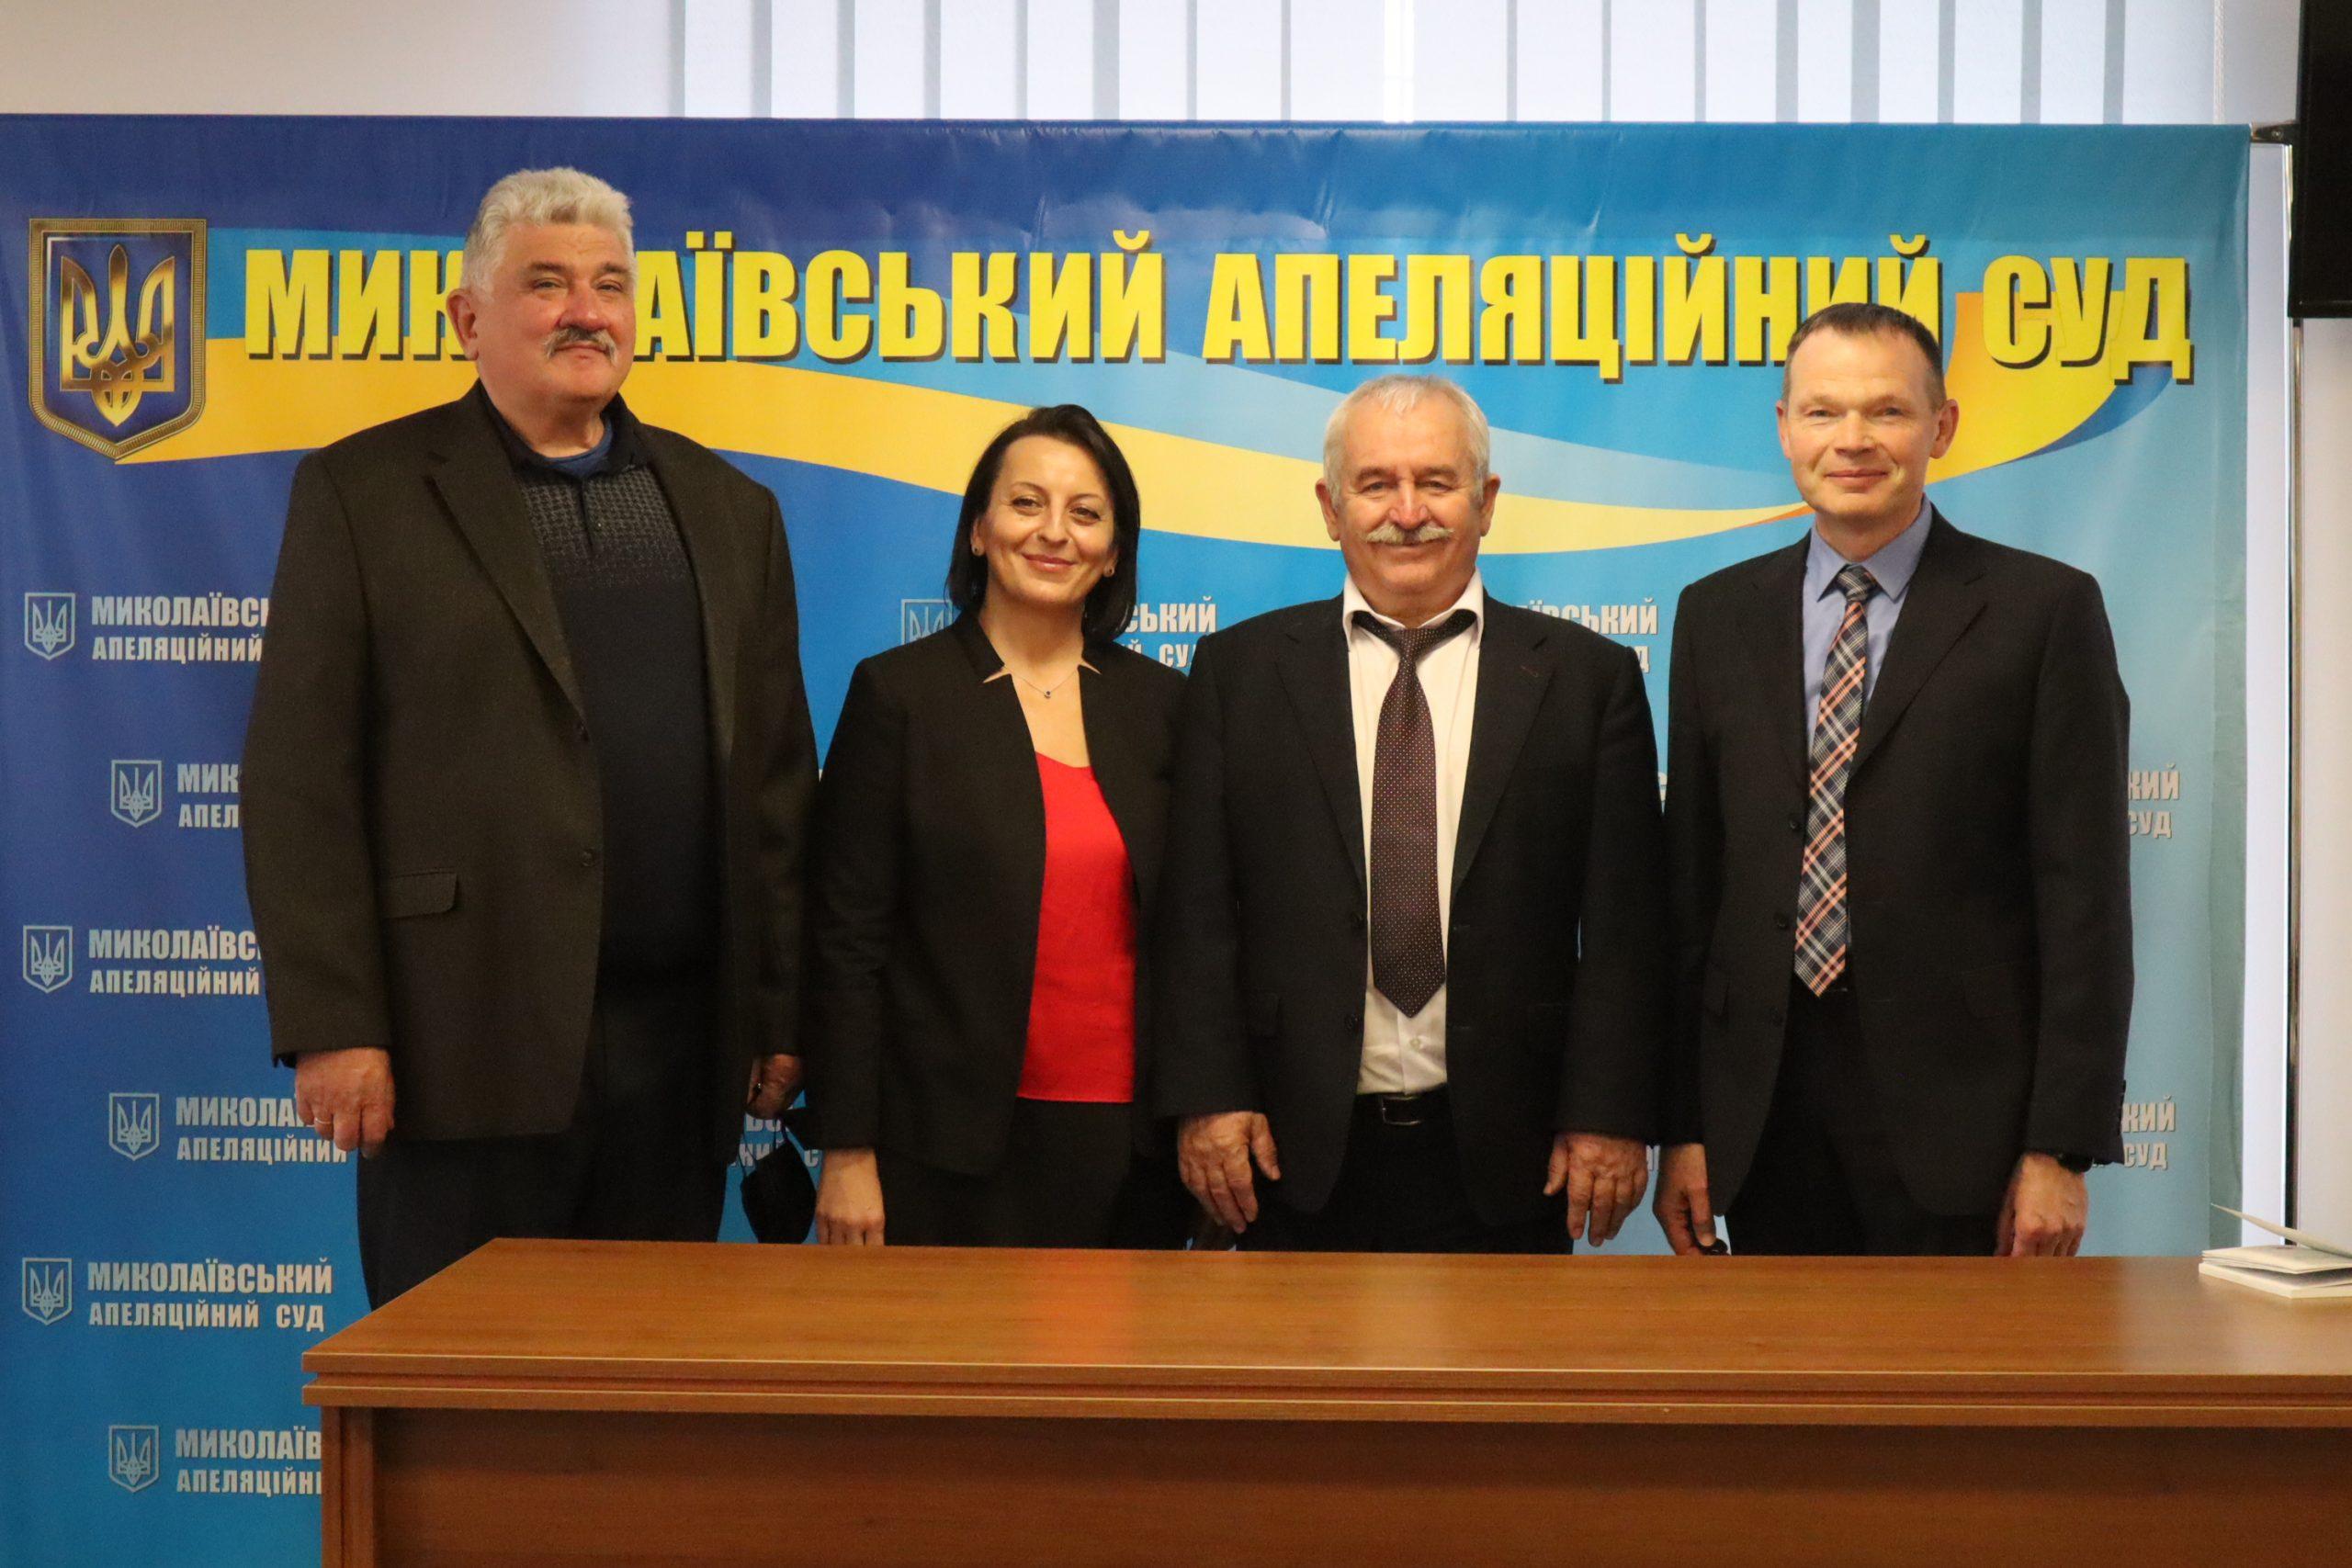 В Николаевском апелляционном суде выбирали главу и его заместителей. Все остались на местах, кроме одного 1